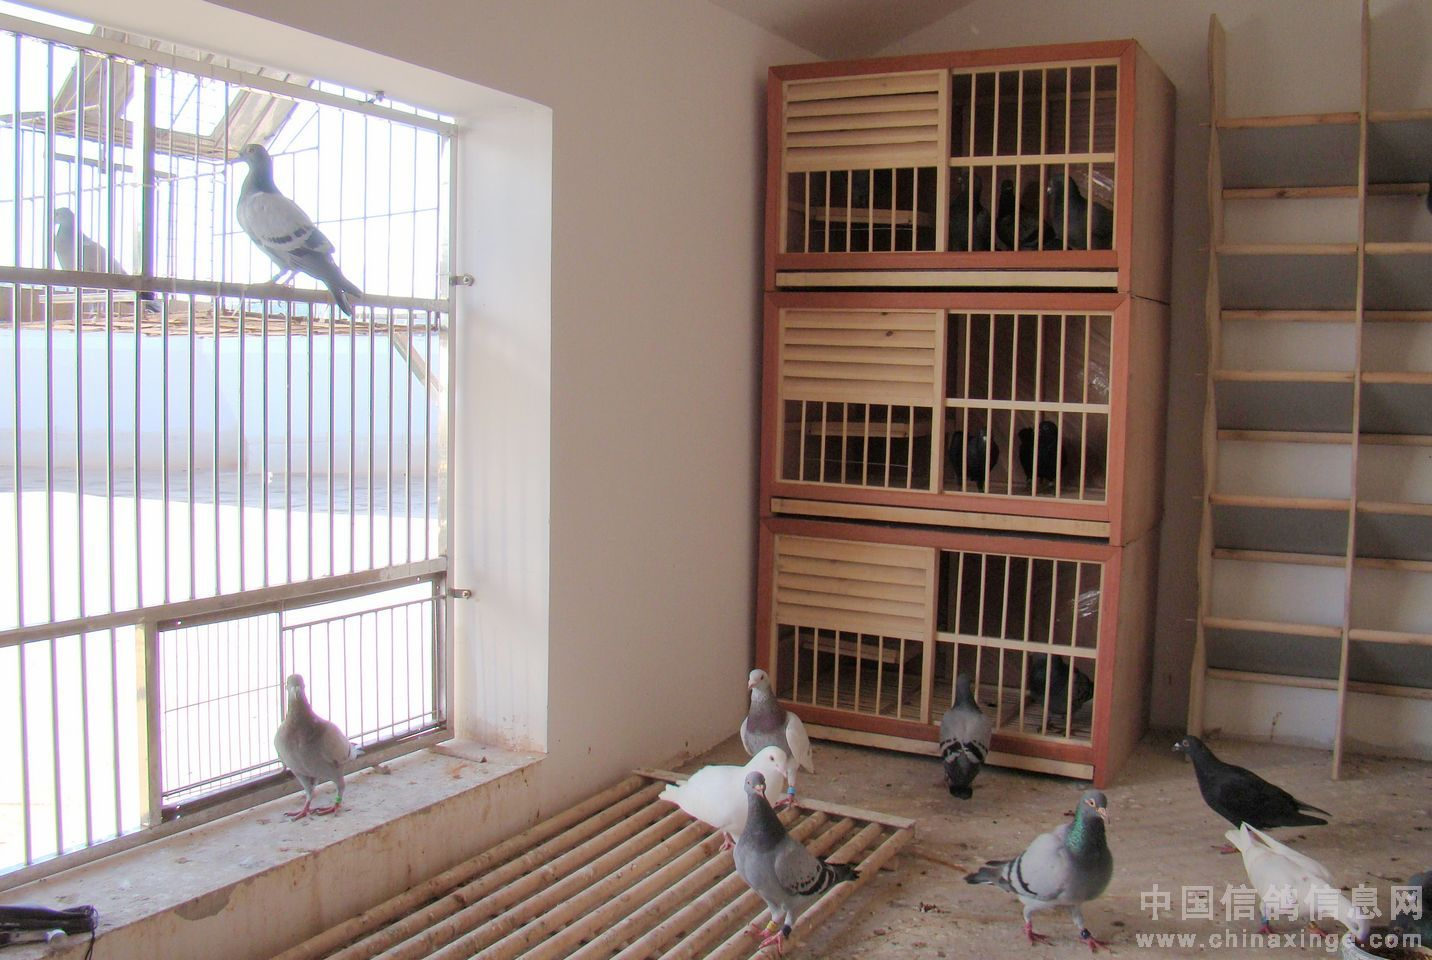 鸽蛋图片_鸽舍鸽具构造专题图片-中国信鸽信息网 www.chinaxinge.com